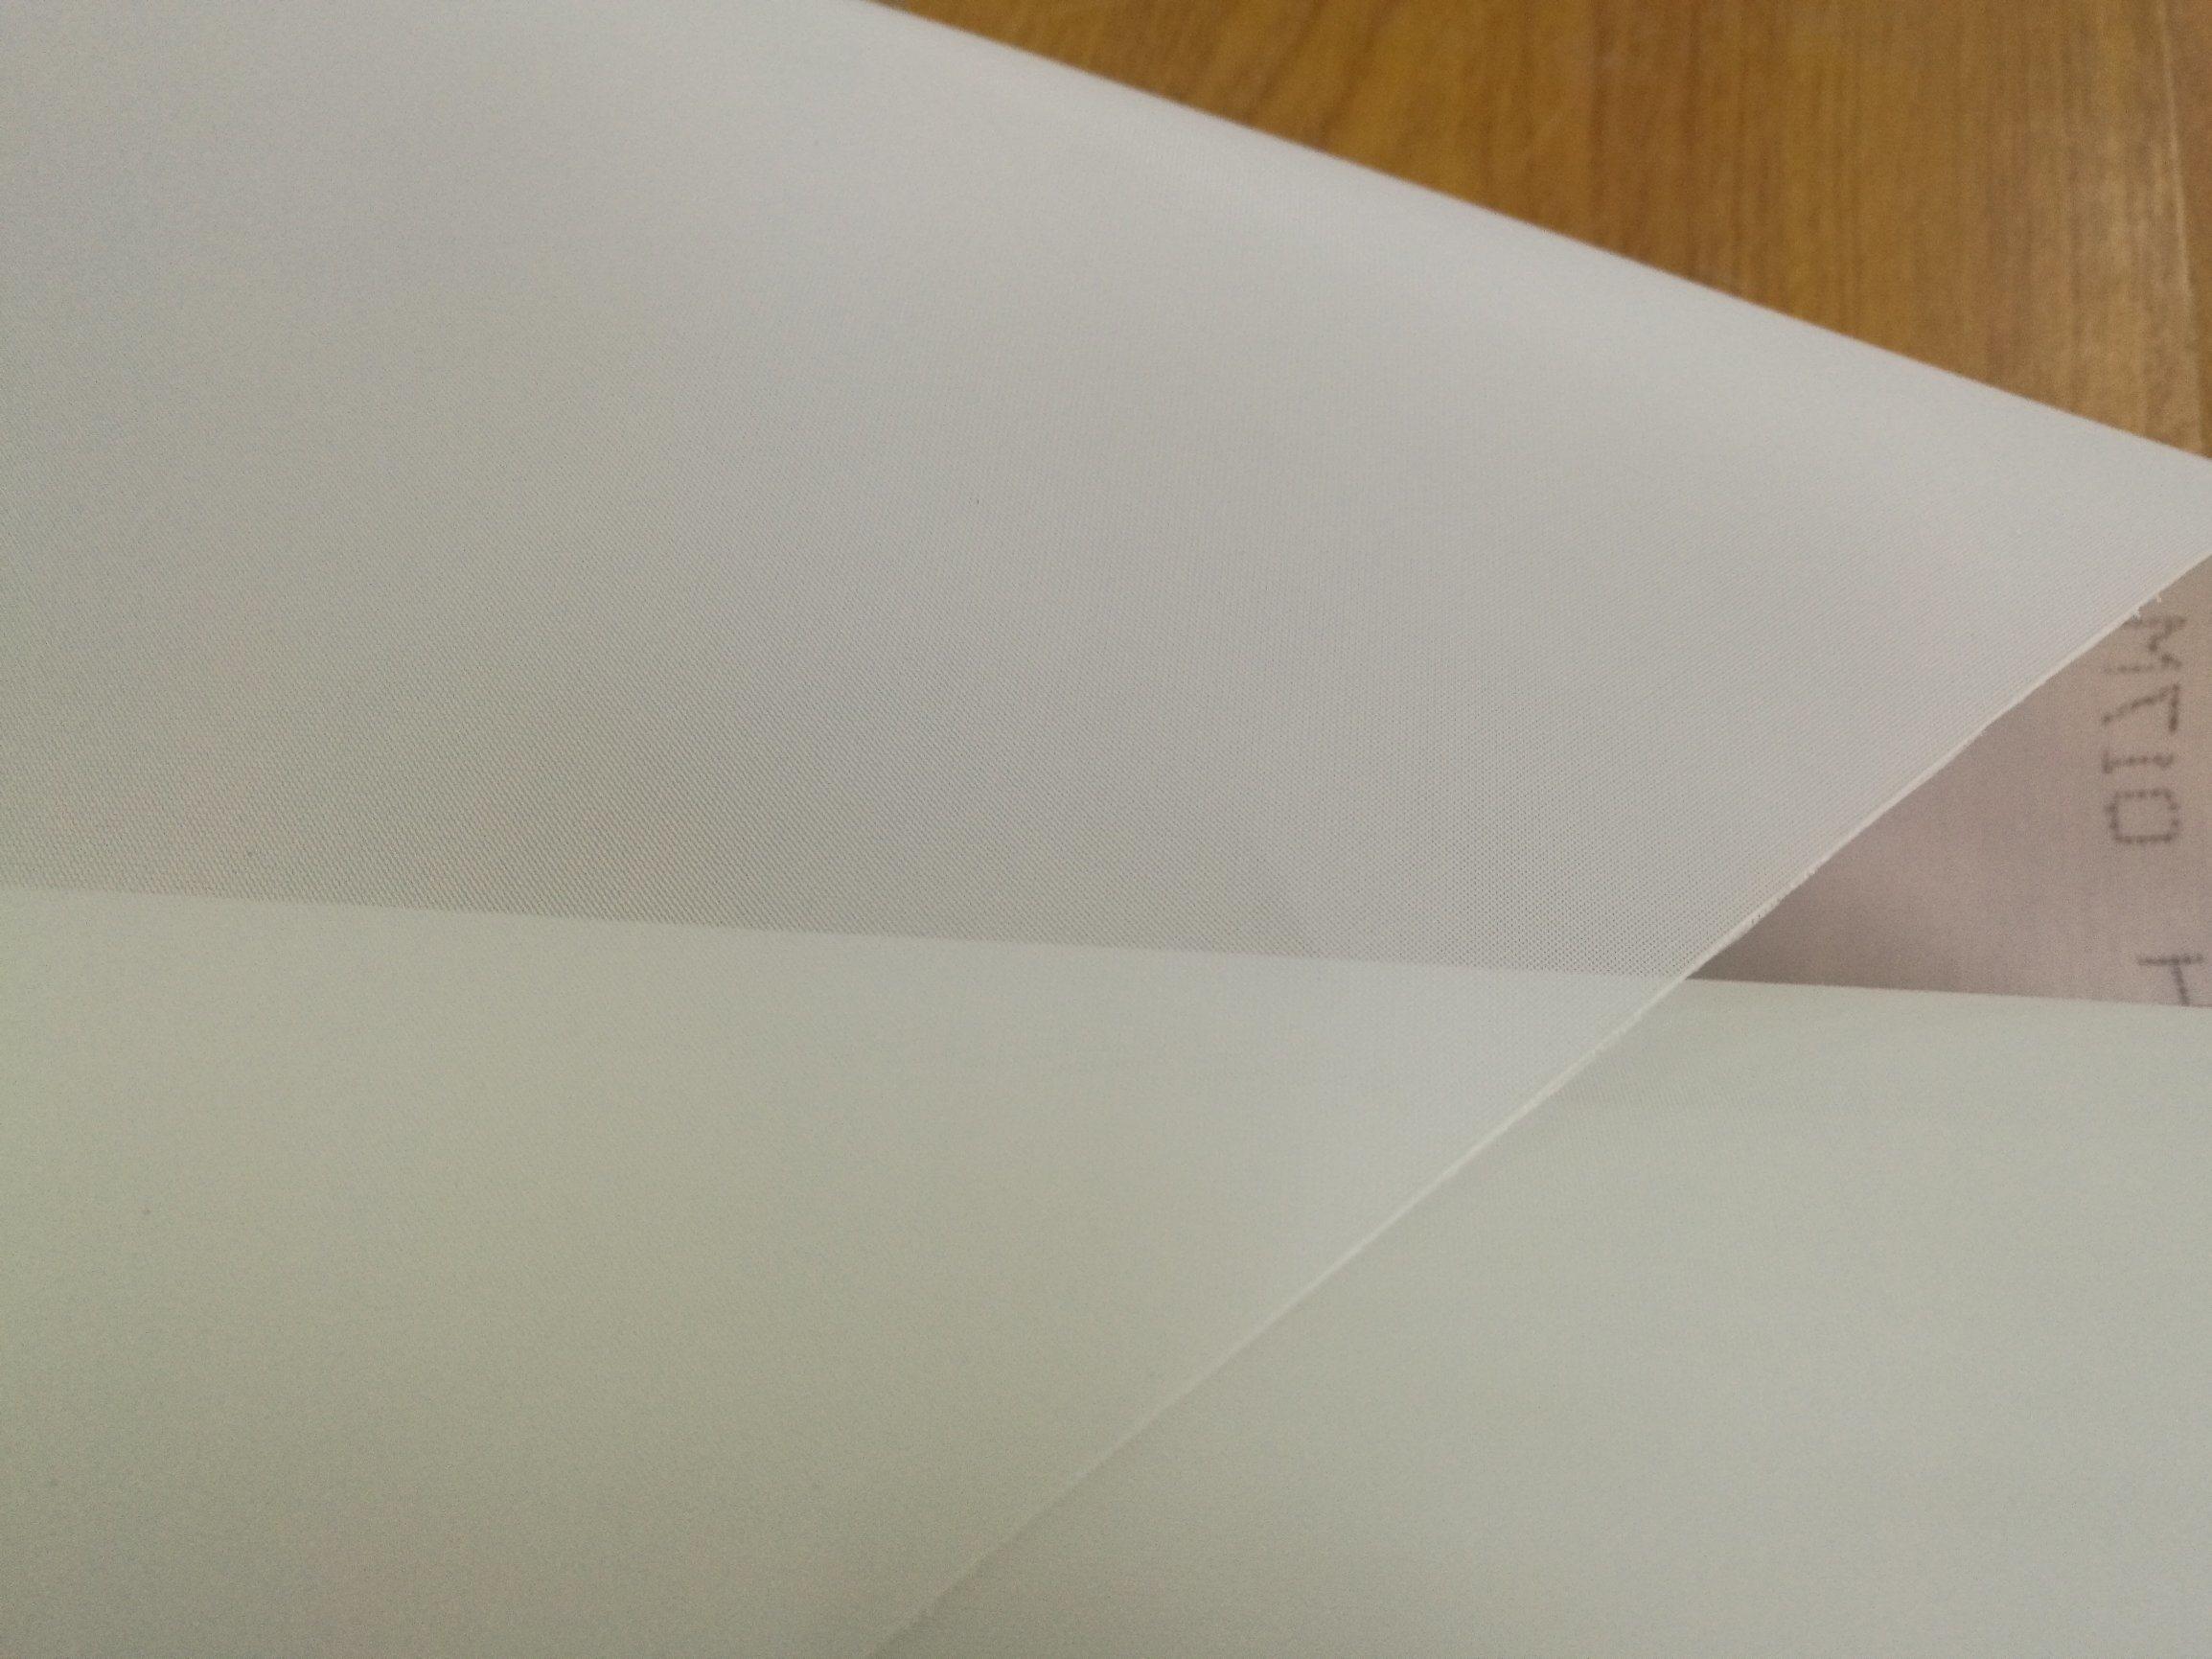 Polyester Filter Mesh to Make Mesh Tea Bags